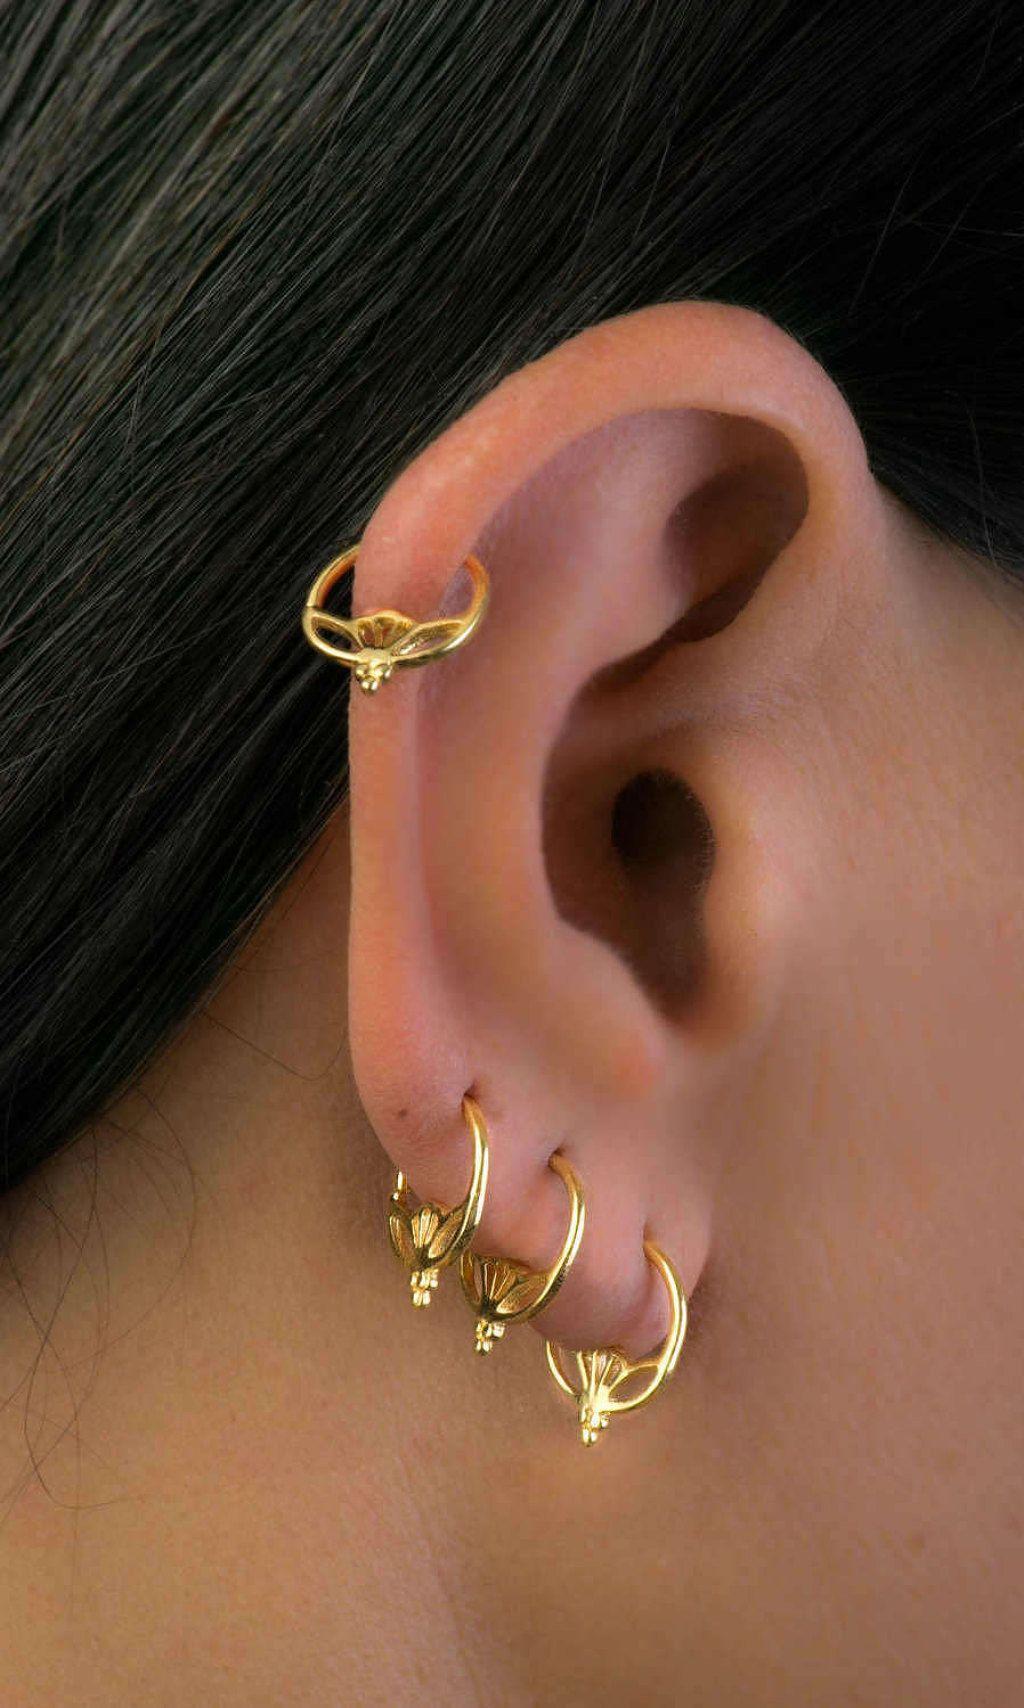 Piercing Jewelry Indian Piercing Tribal Piercing Gold Ear